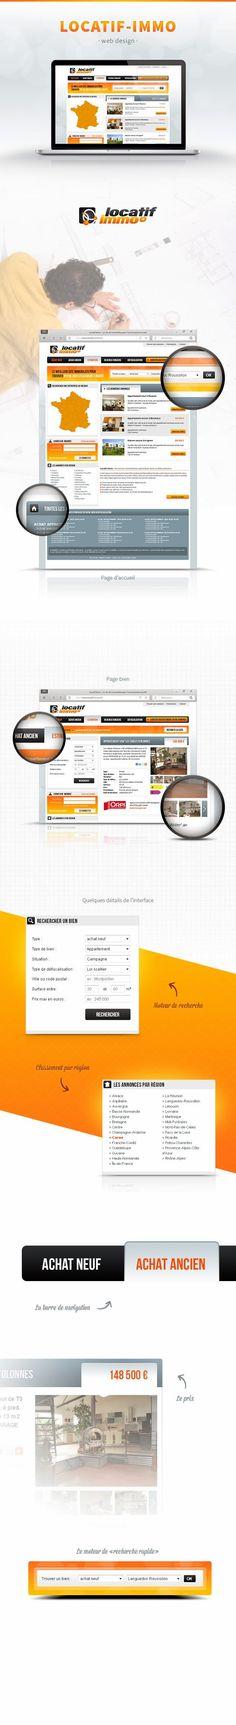 Webdesign du site Locatif Immo (pour l'agence Publika) Album